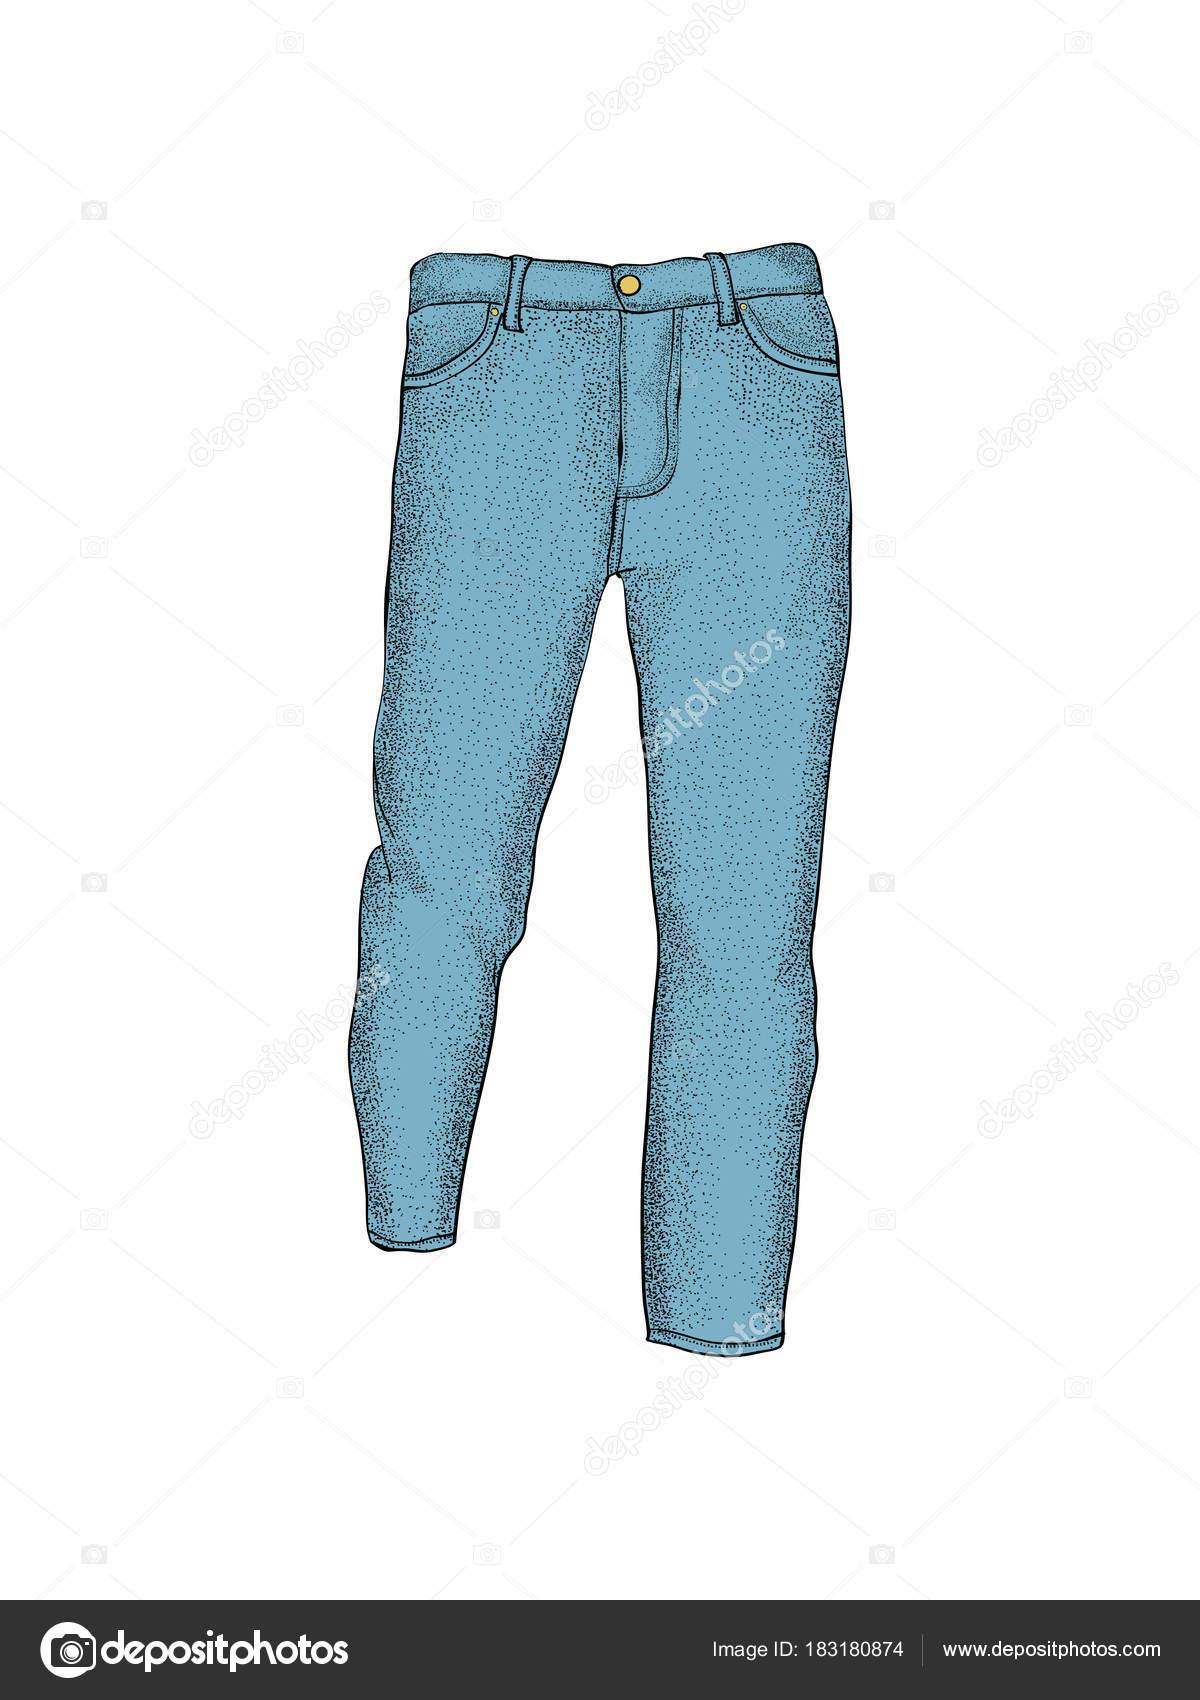 b5b99bc2a Plantillas en blanco de pantalones vaqueros de los hombres en vistas.  Aislado en blanco —